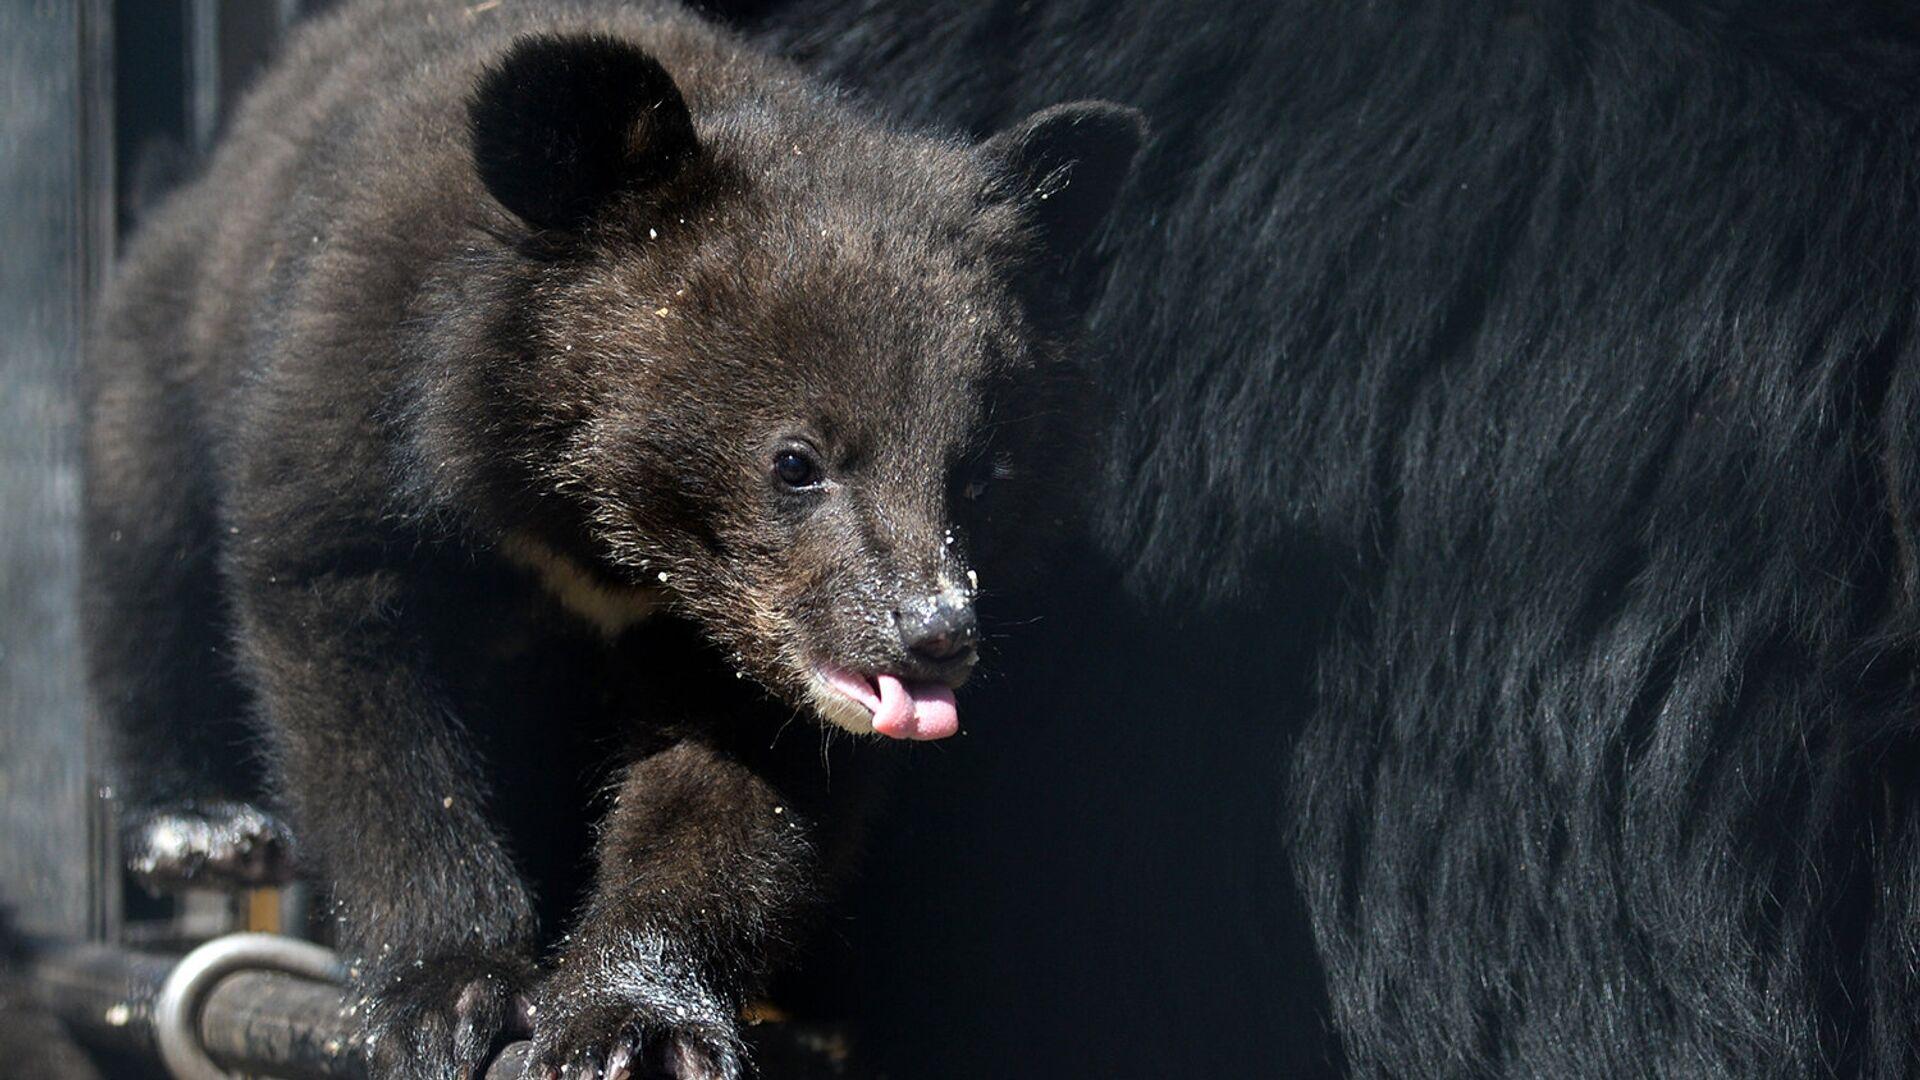 Медведица усыновила осиротевшего медвежонка в заказнике на Камчатке - РИА Новости, 1920, 17.09.2021